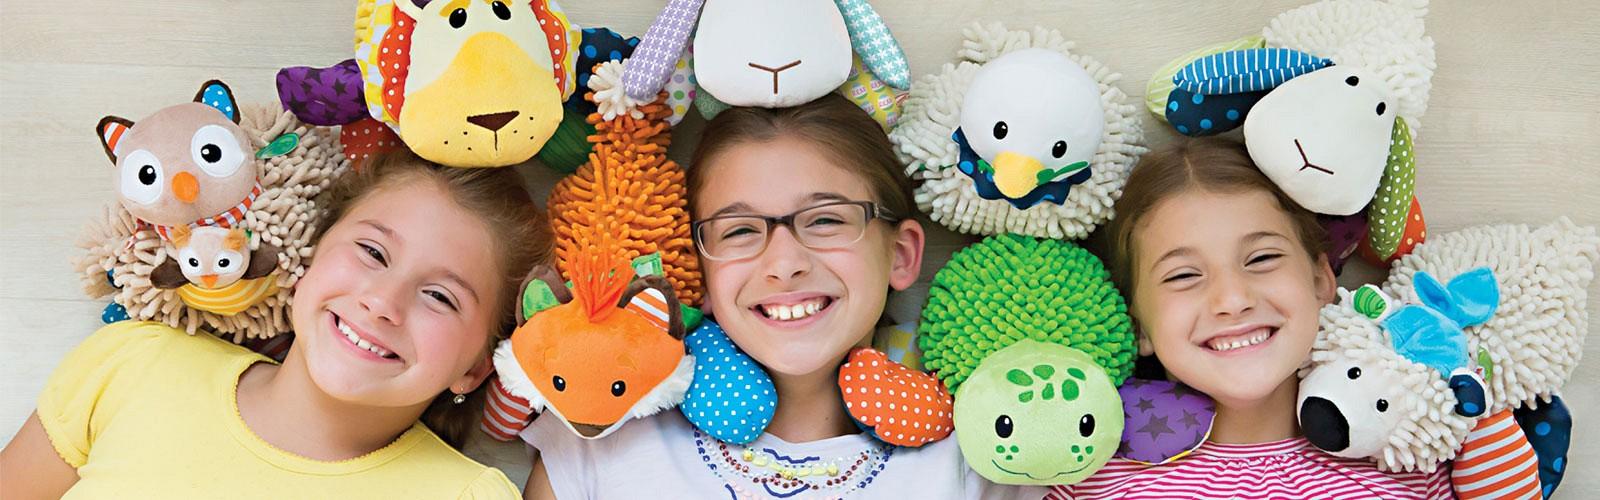 New Toys For Catholic Kids